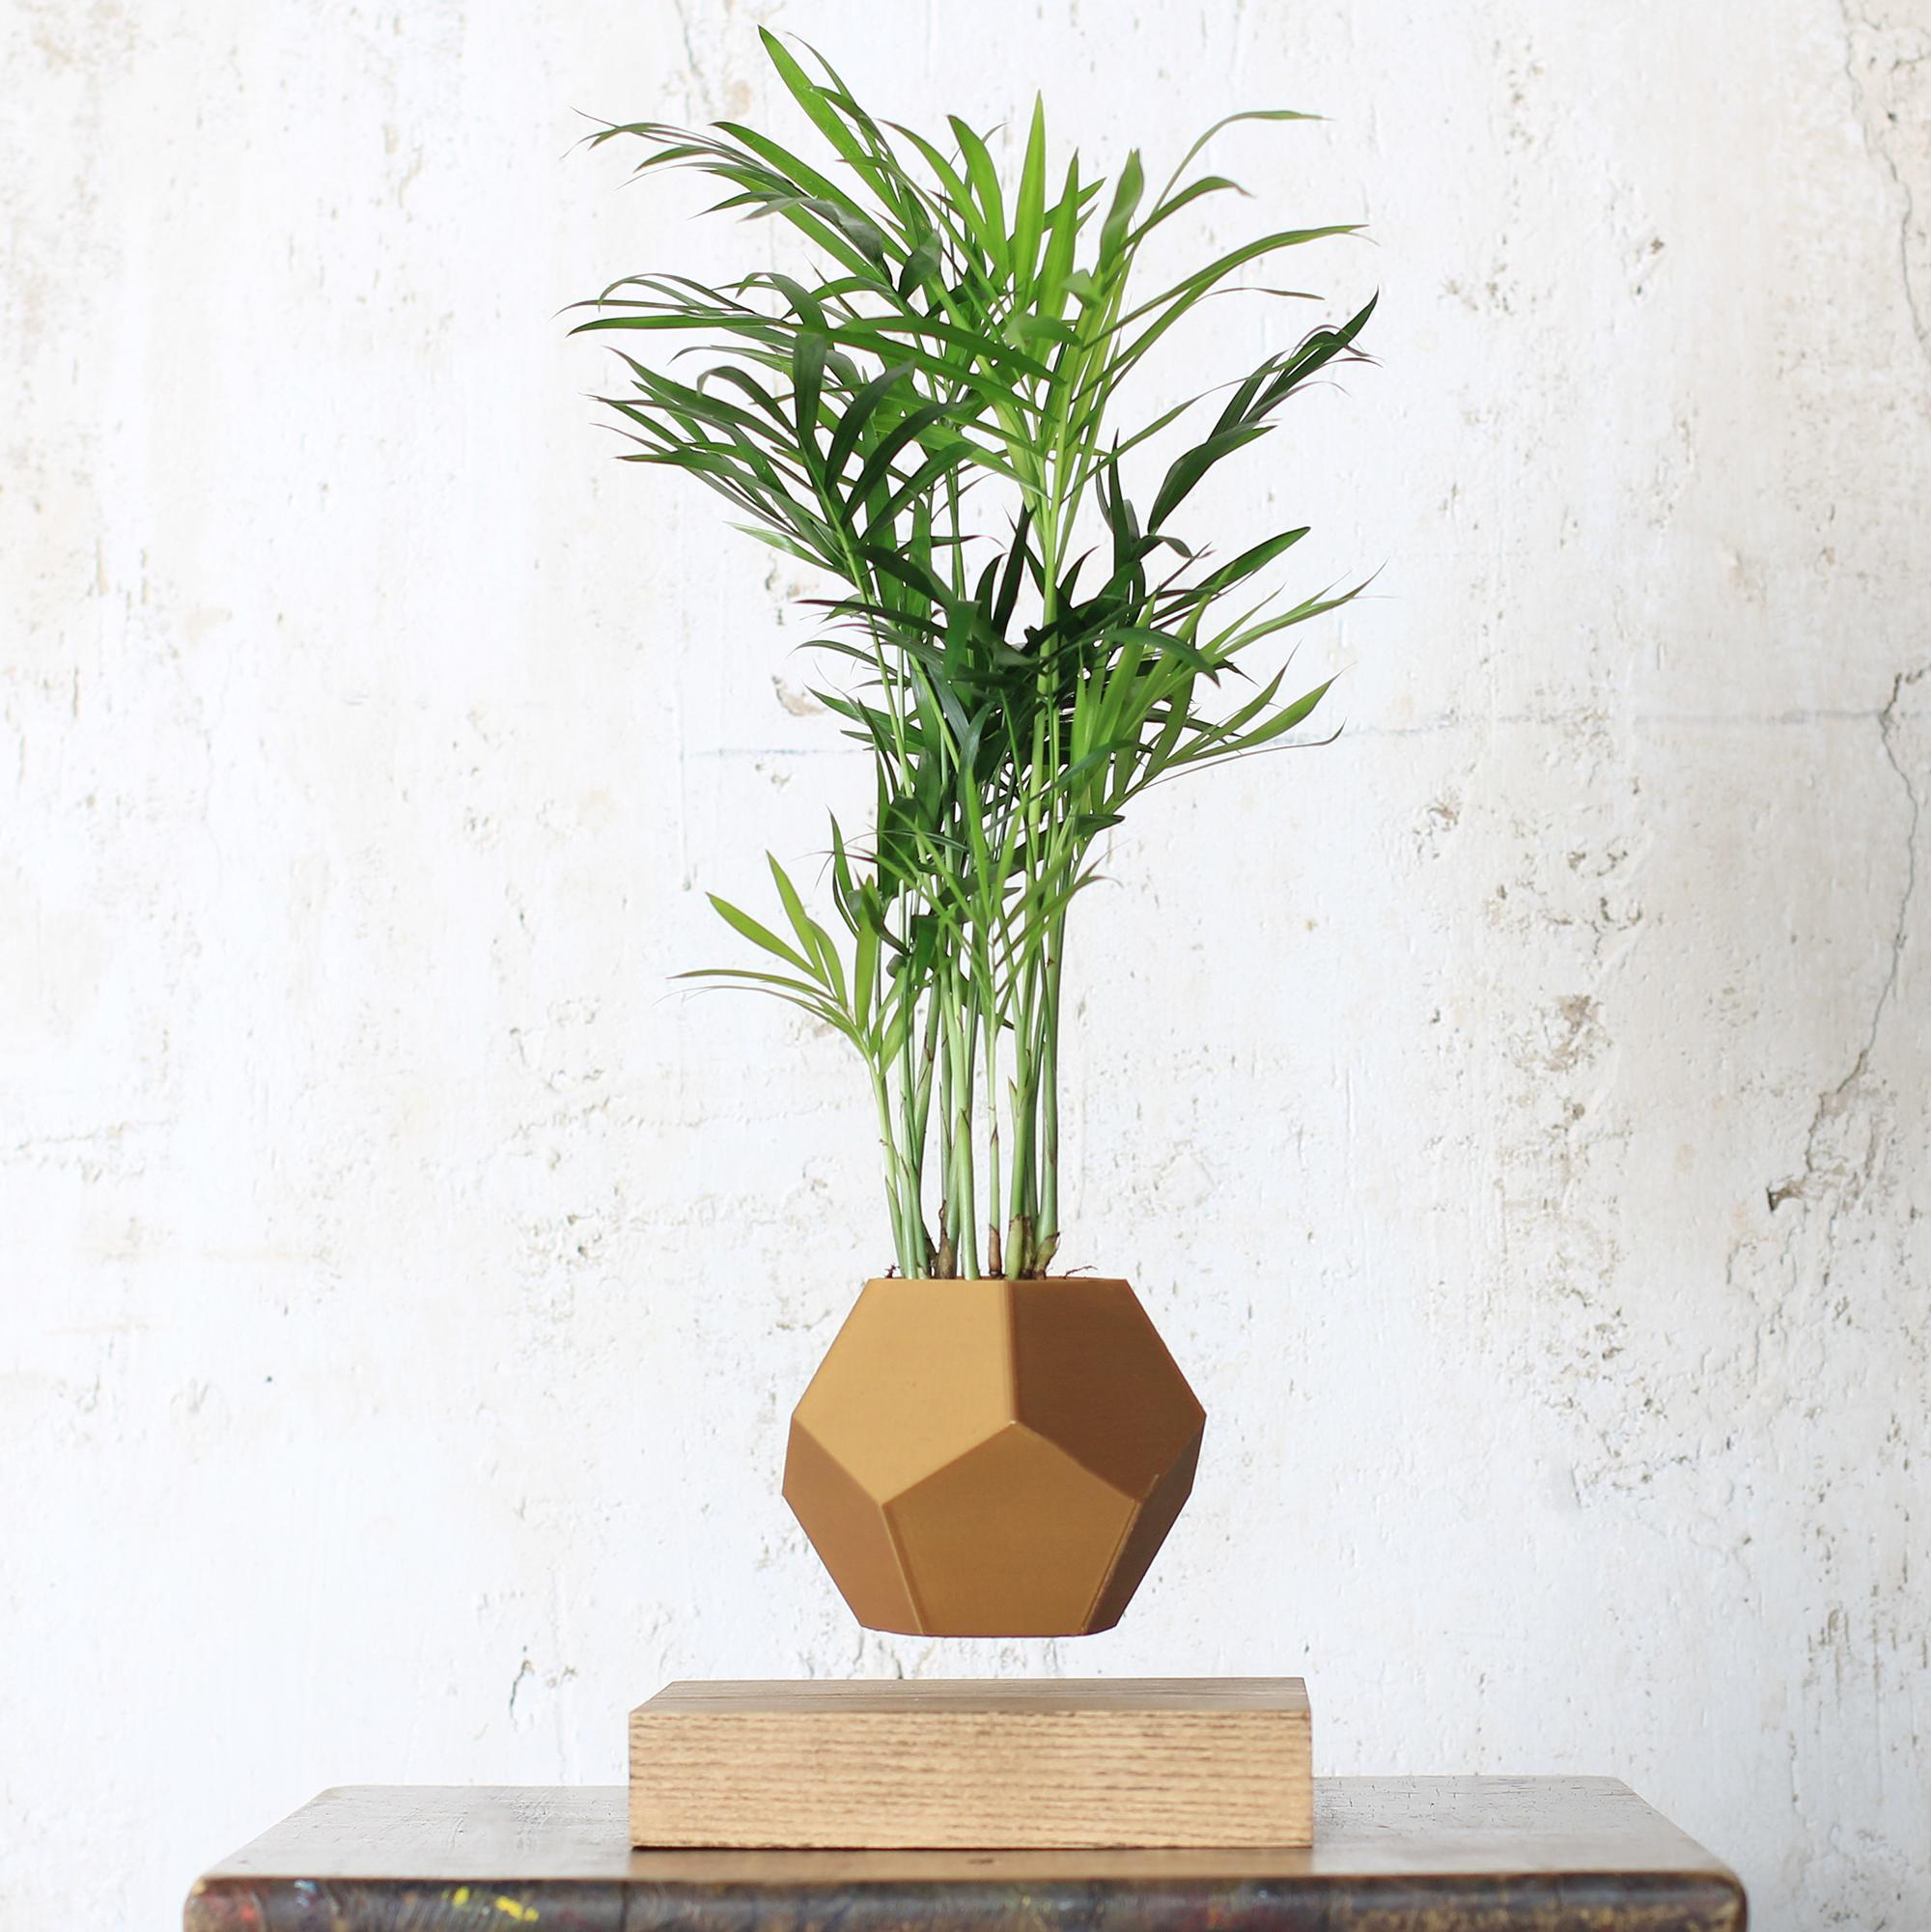 Летающее растение в светлом кашпо